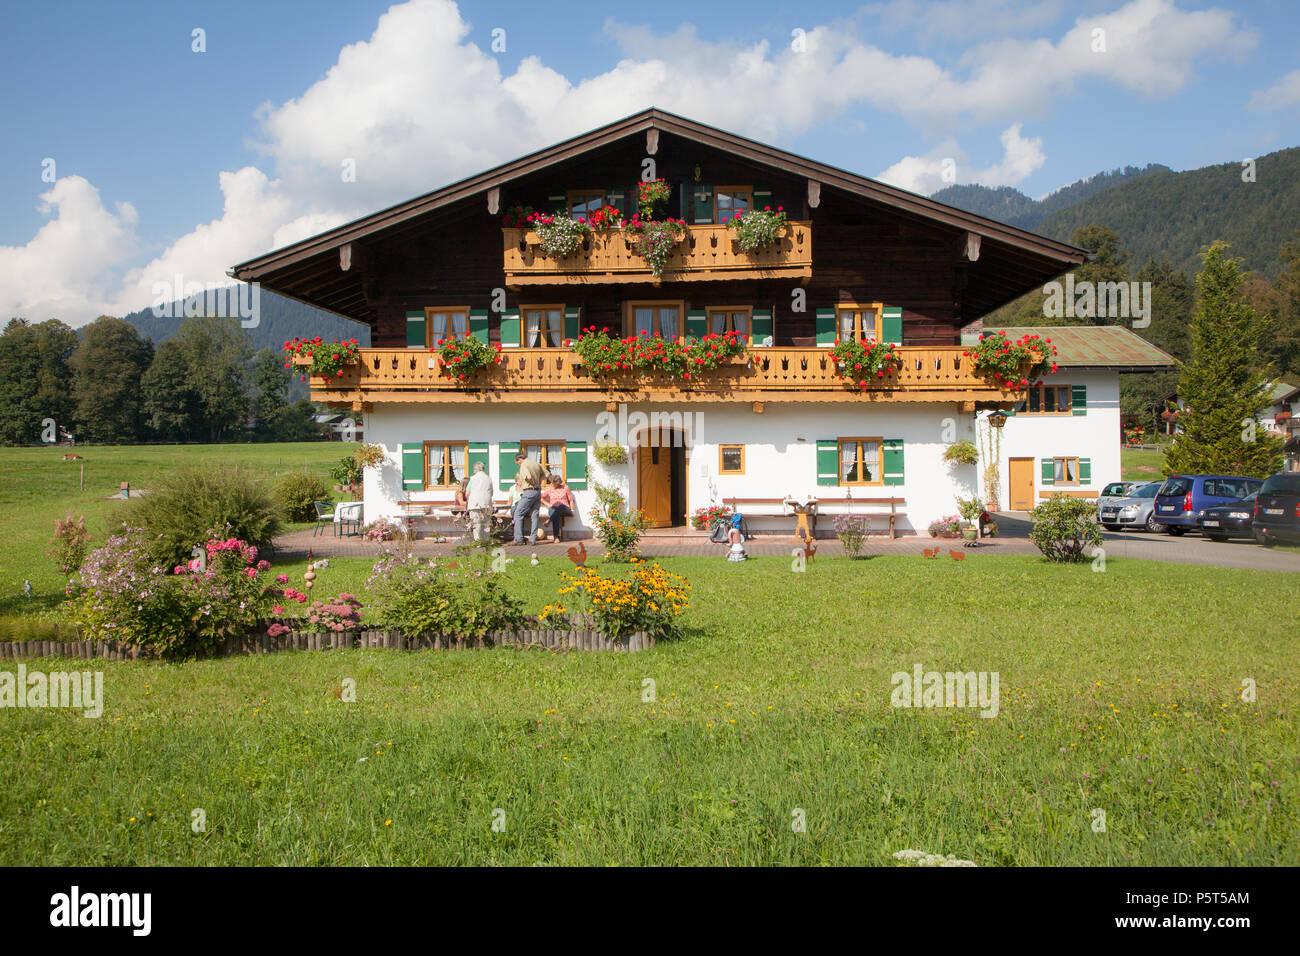 Traditioneller Bauernhof im Berchtesgadener Land Stockbild